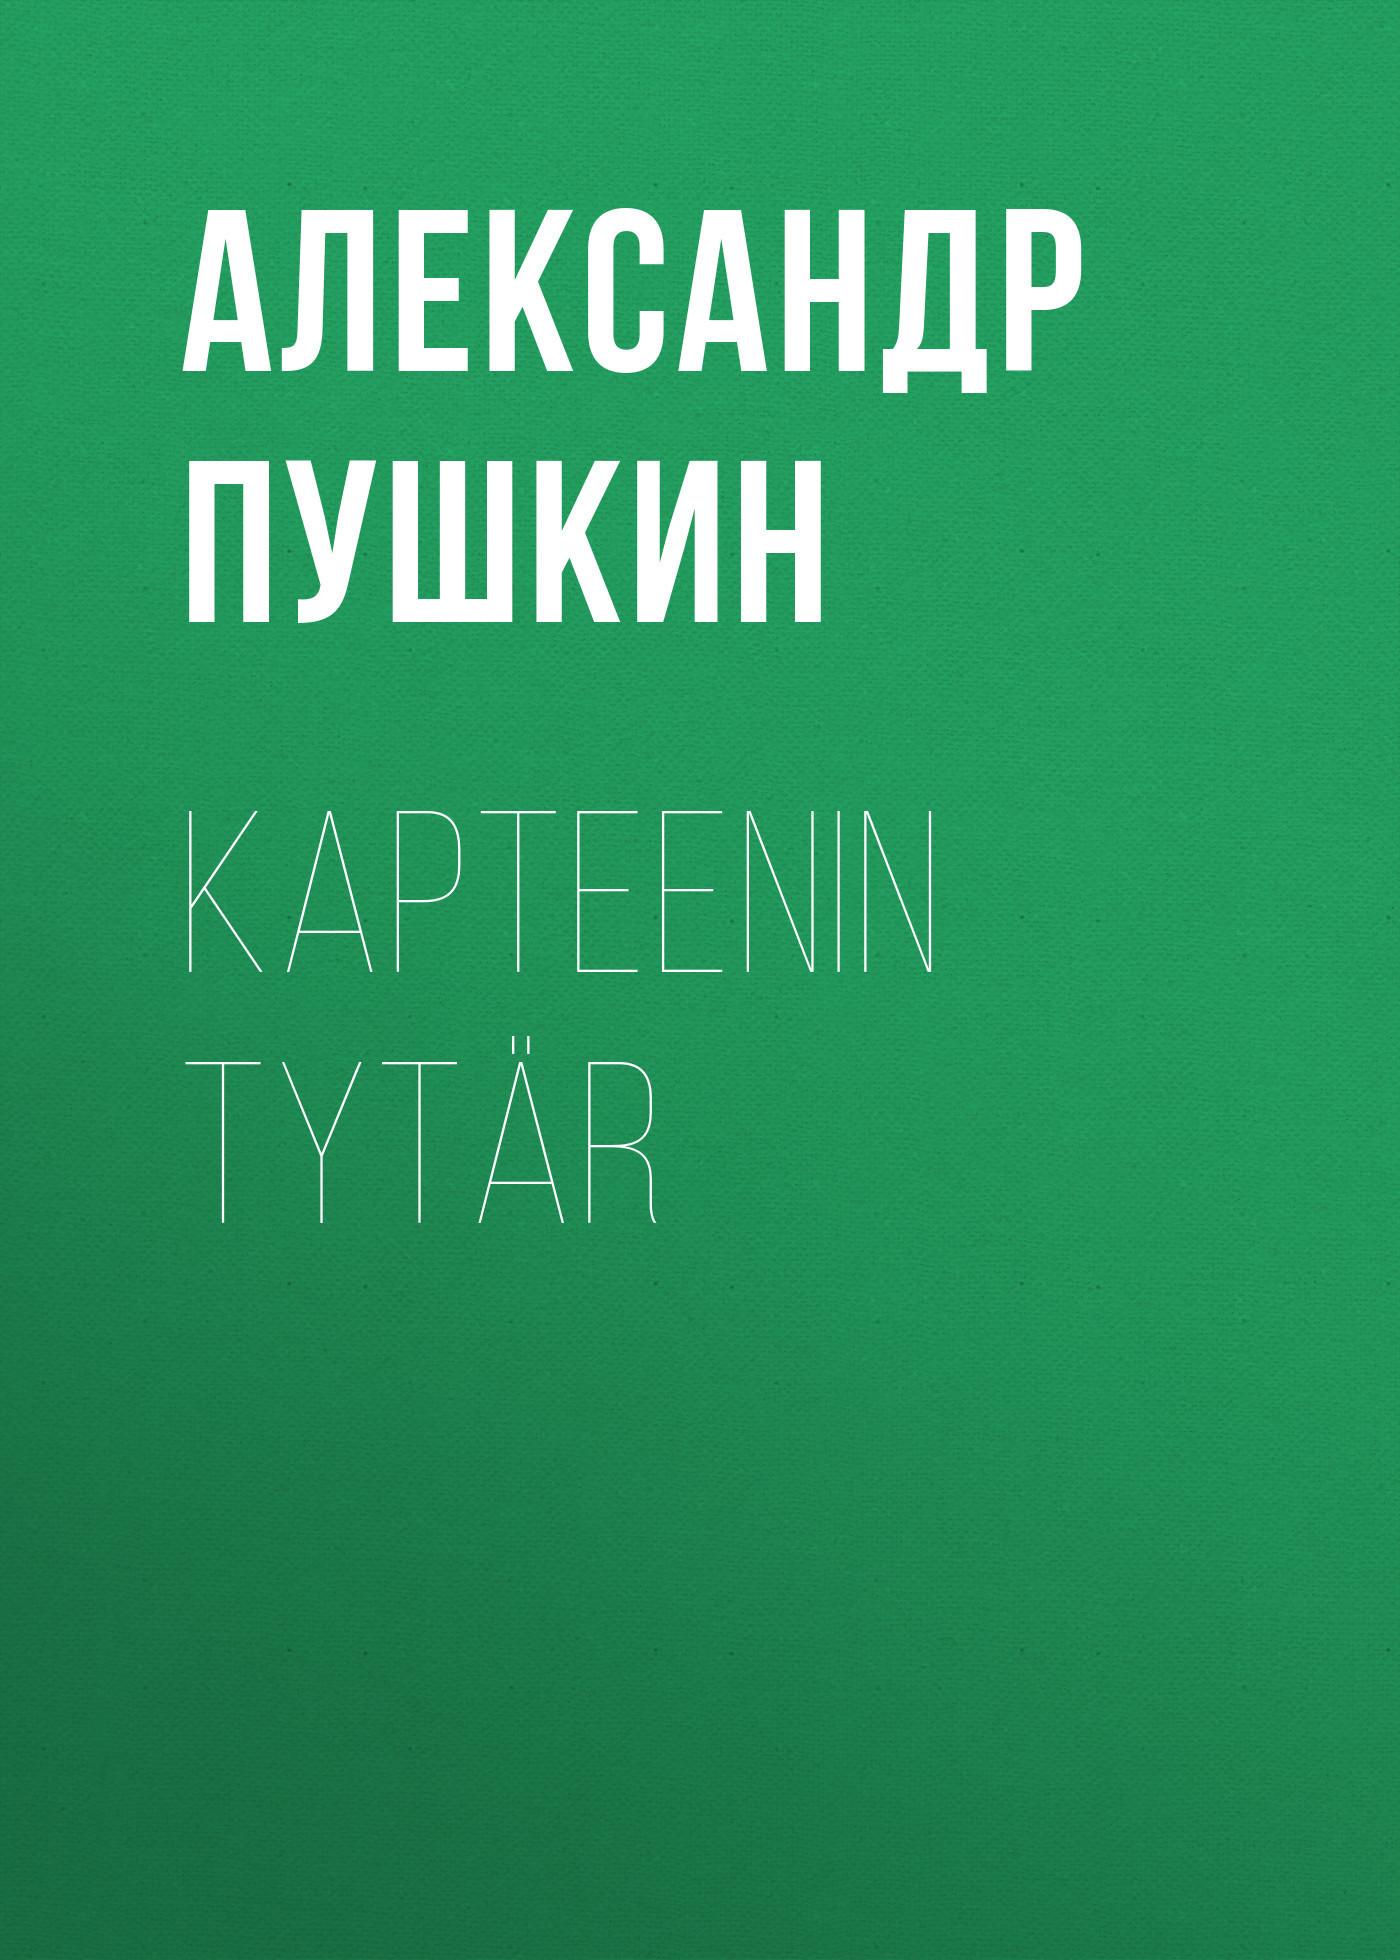 Александр Пушкин Kapteenin tytär александр пушкин барышня крестьянка спектакль